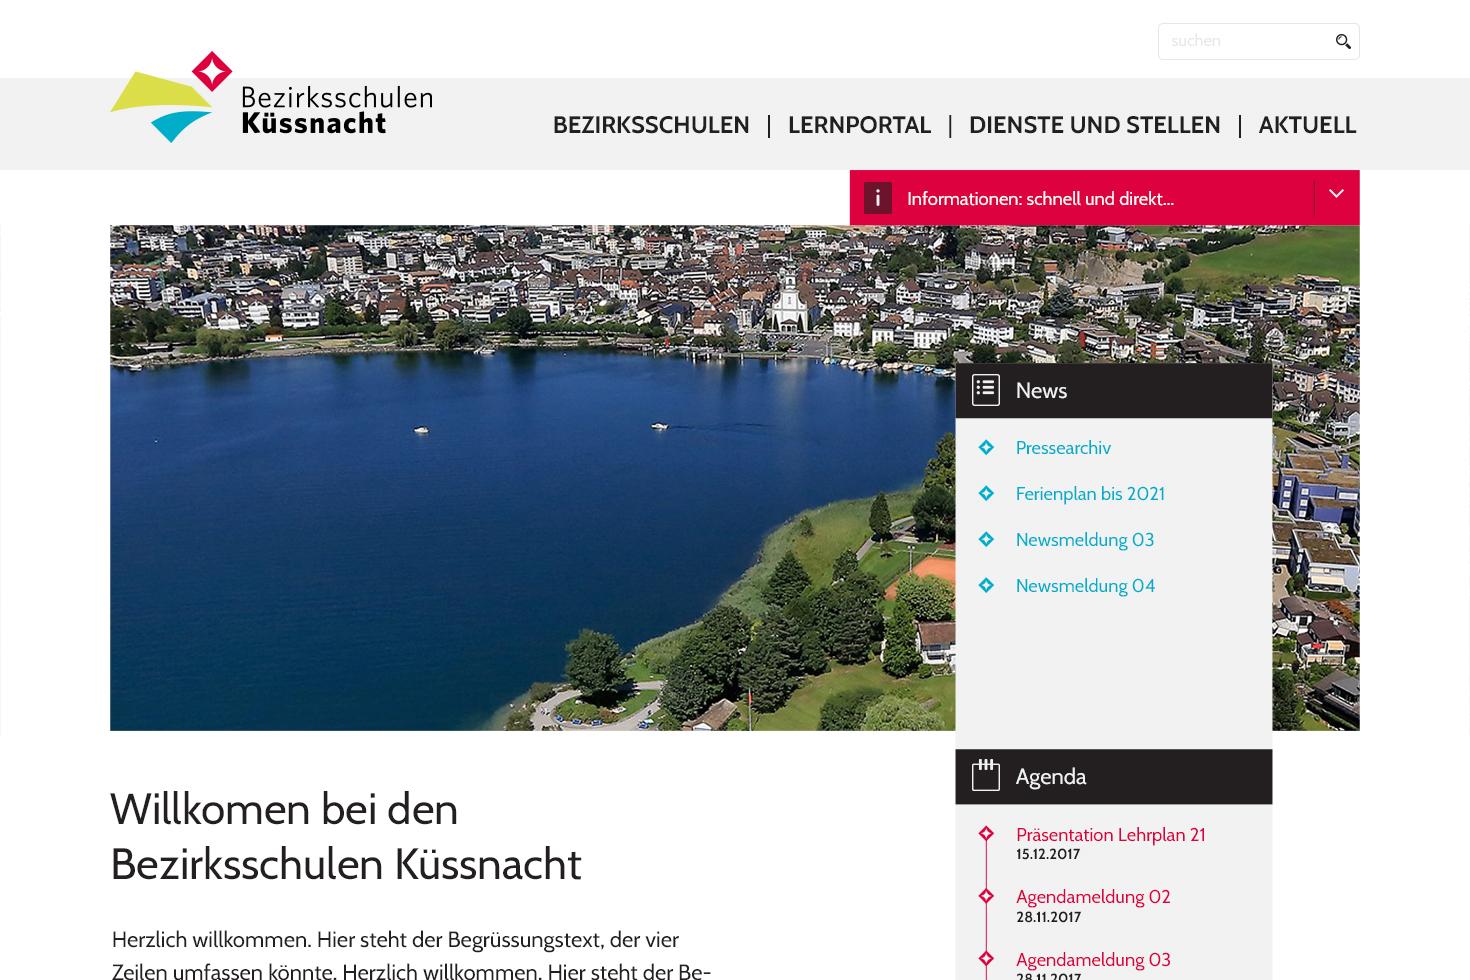 Bild 5 vom Screendesign für Webseiten